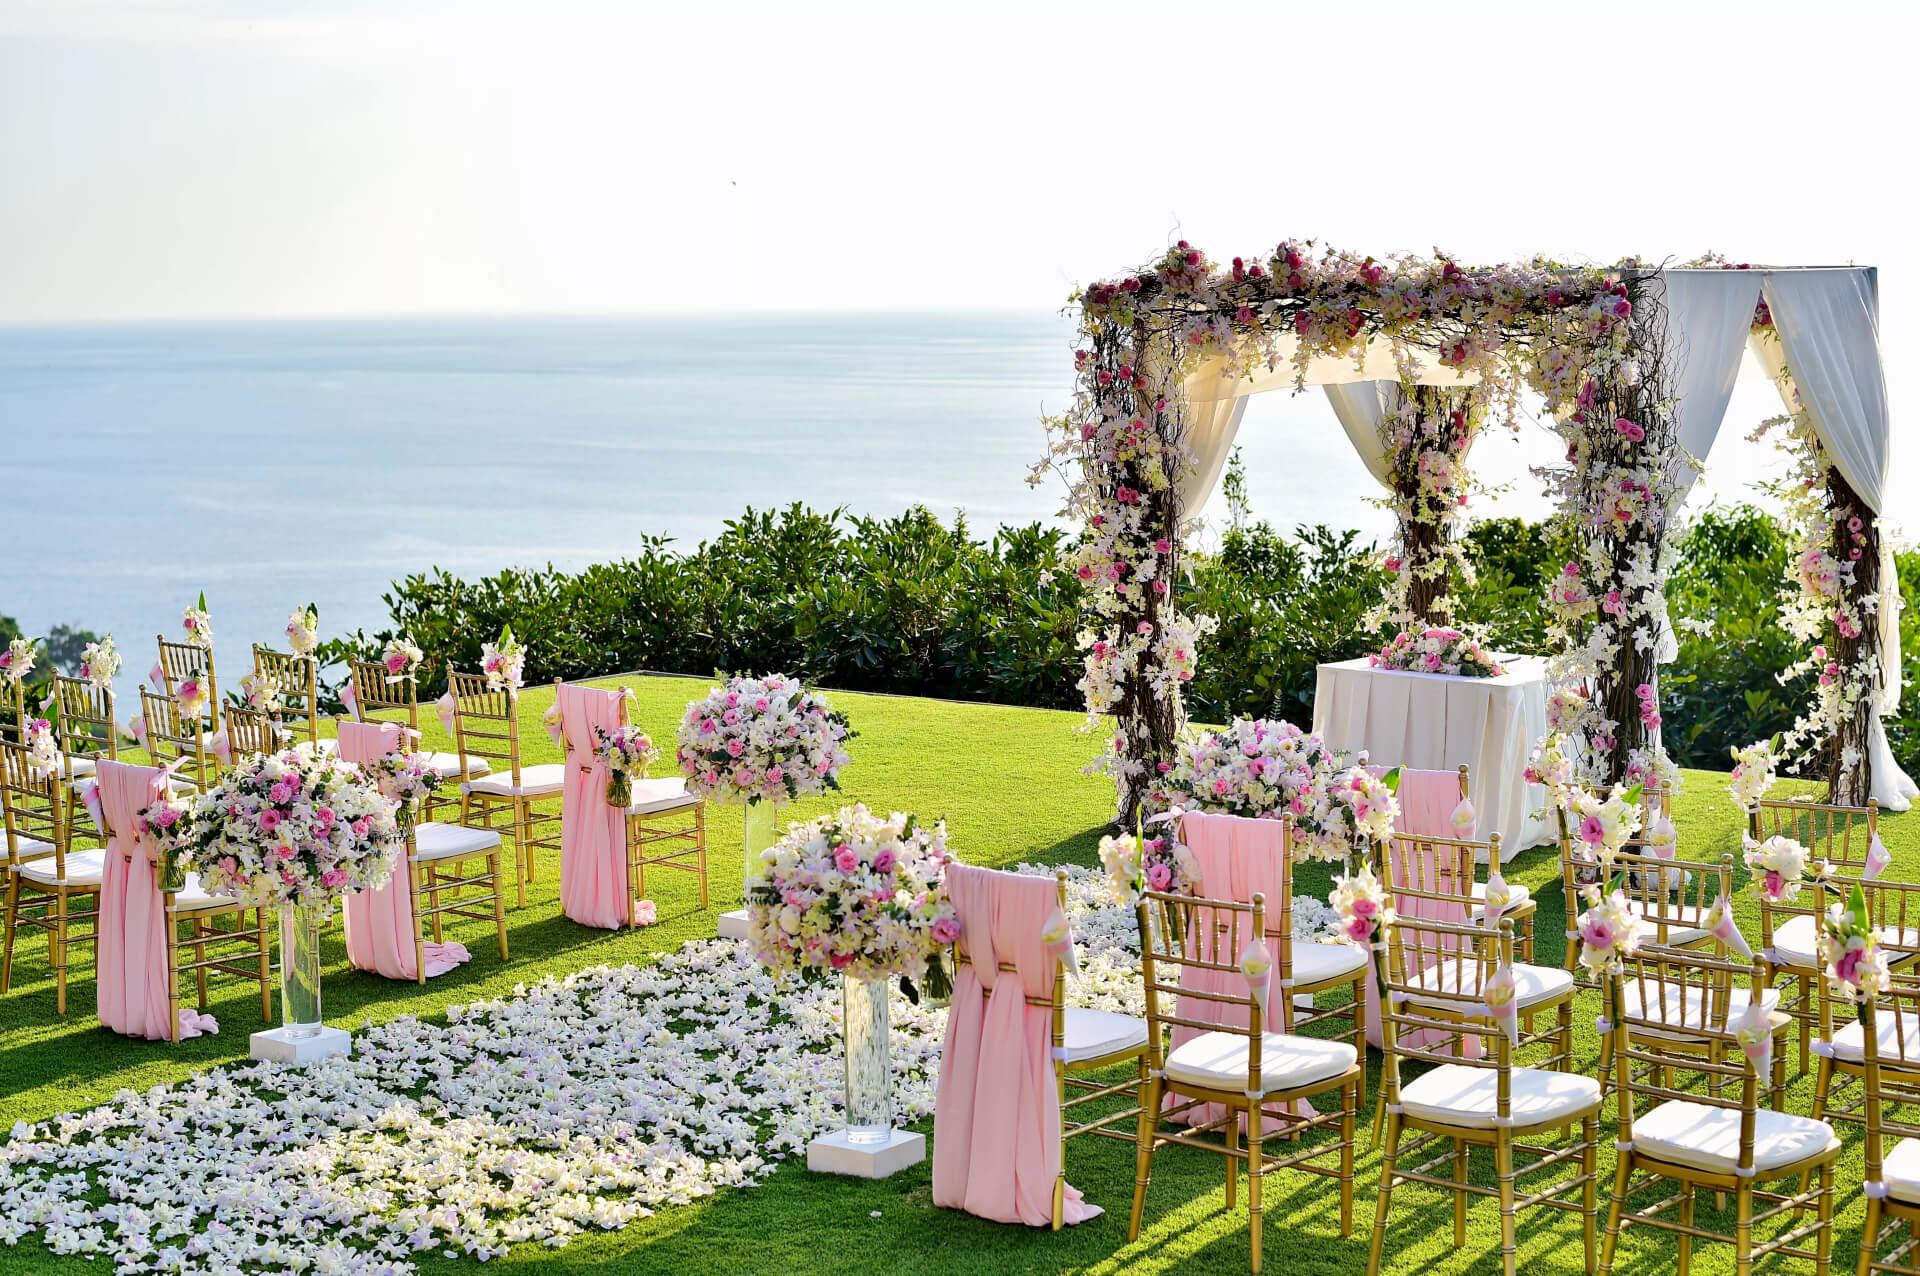 Locaciones para bodas en Margarita, Venezuela: Lugares ideales para celebrar tu boda en Margarita, ya sea en un hotel, en la playa, en un salón o al aire libre